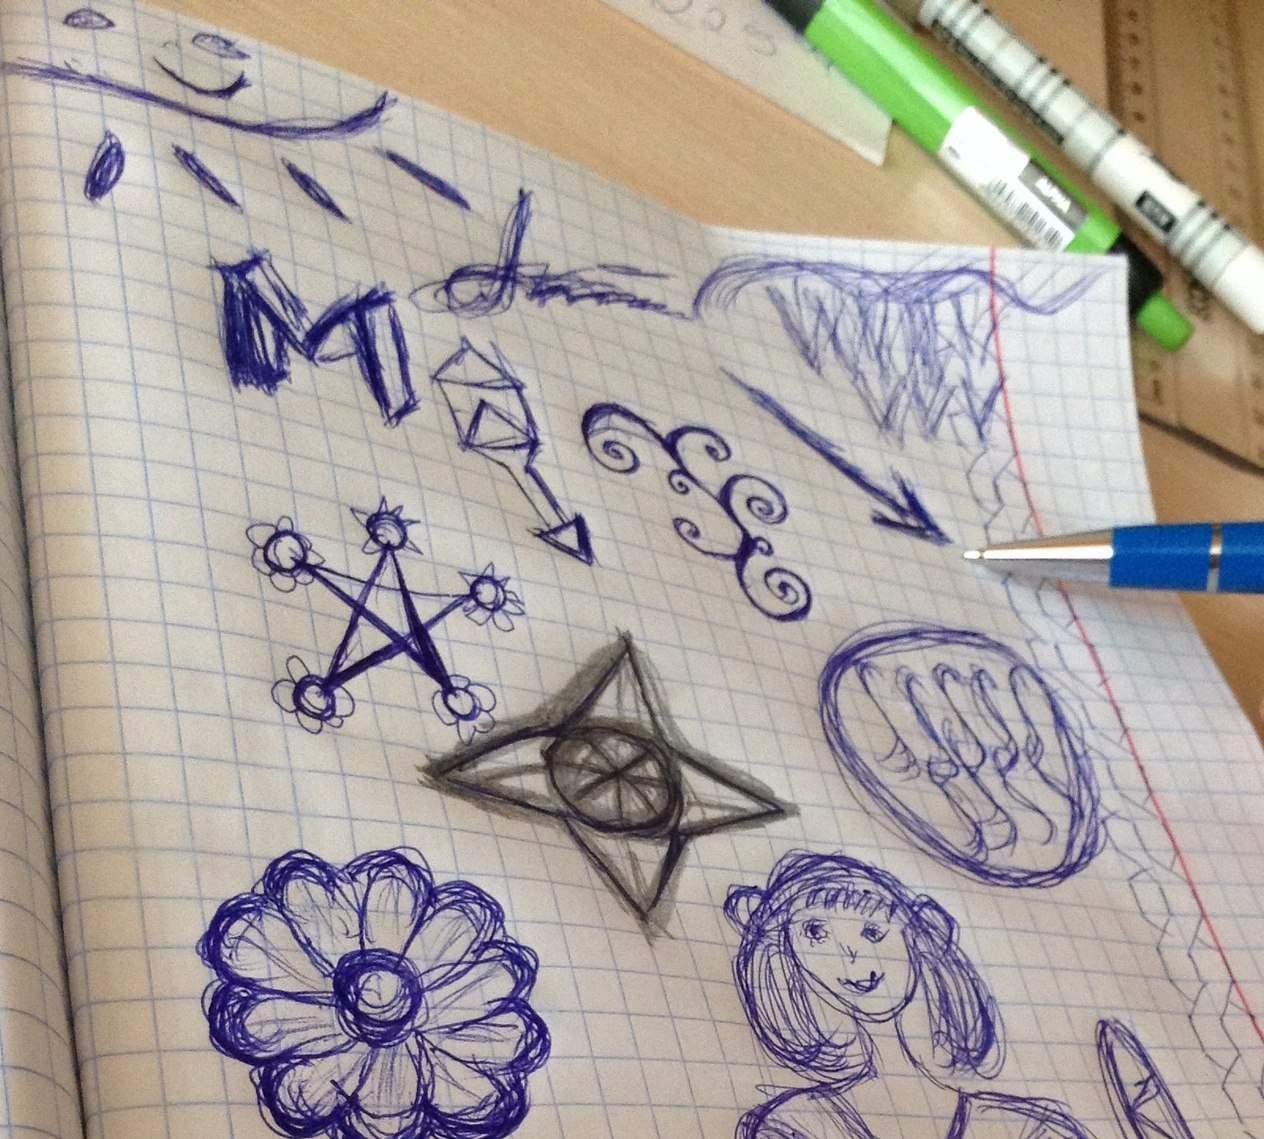 Неосознанные рисунки в черновике: что они означают?